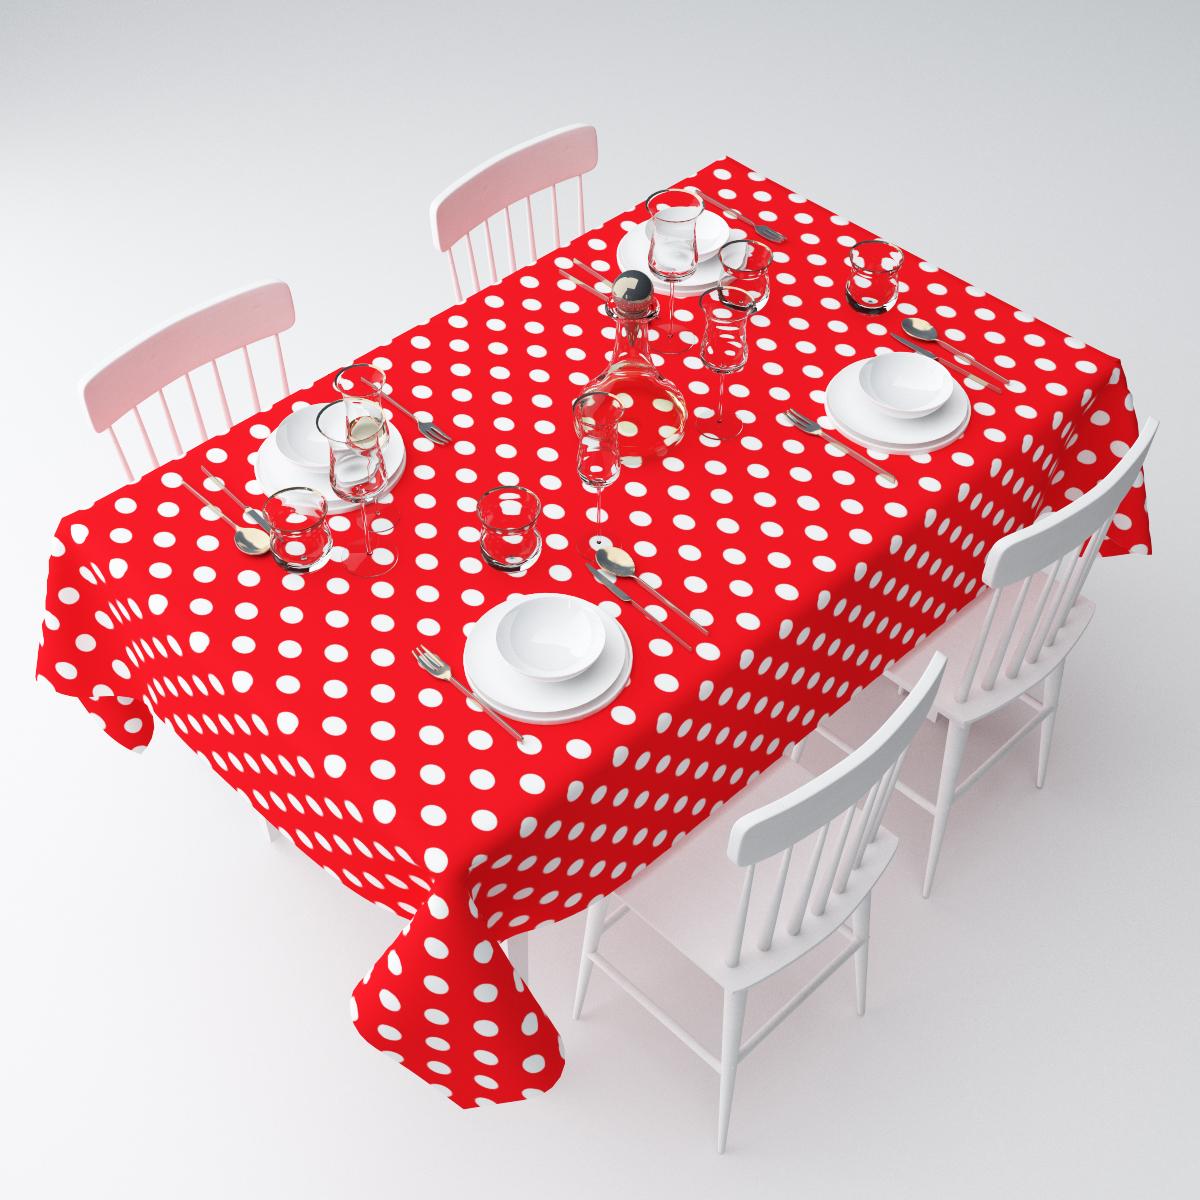 """Прямоугольная скатерть Сирень """"Красный в горошек"""", выполненная из  габардина с ярким рисунком, преобразит вашу кухню, визуально  расширит пространство, создаст атмосферу радости и комфорта.    Рекомендации по уходу: стирка при 30 градусах, гладить при температуре до 110  градусов.   Размер скатерти: 145 х 220 см.  Изображение может немного отличаться от реального."""